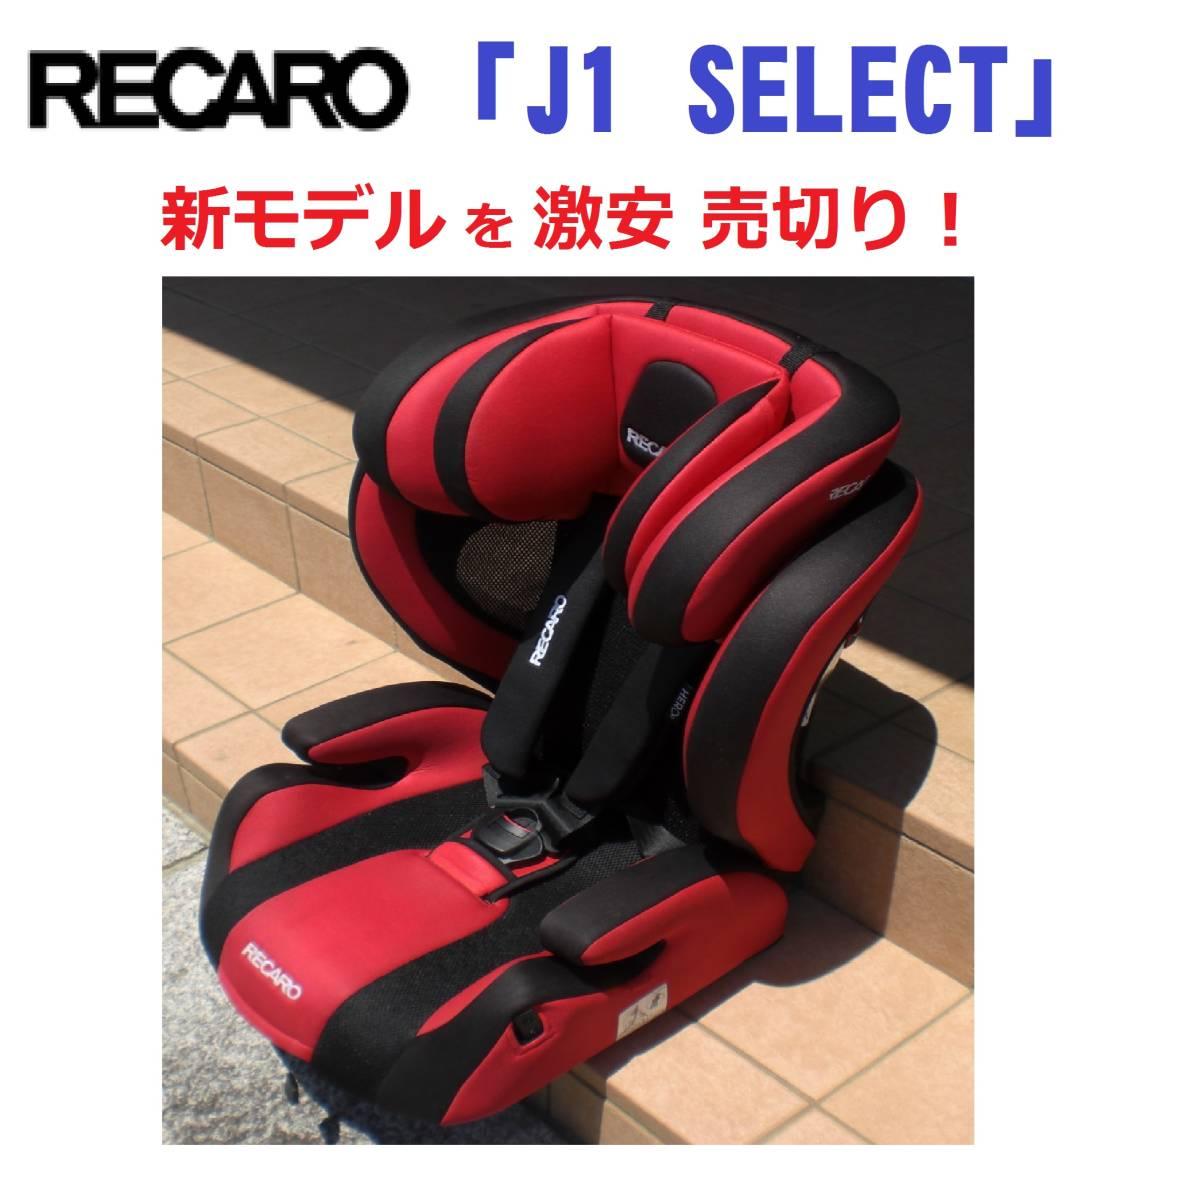 RECARO レカロ 新モデル を 売切り!J1 Select(ジェイワンセレクト)長く使える!適応年齢: 1才~12才くらい